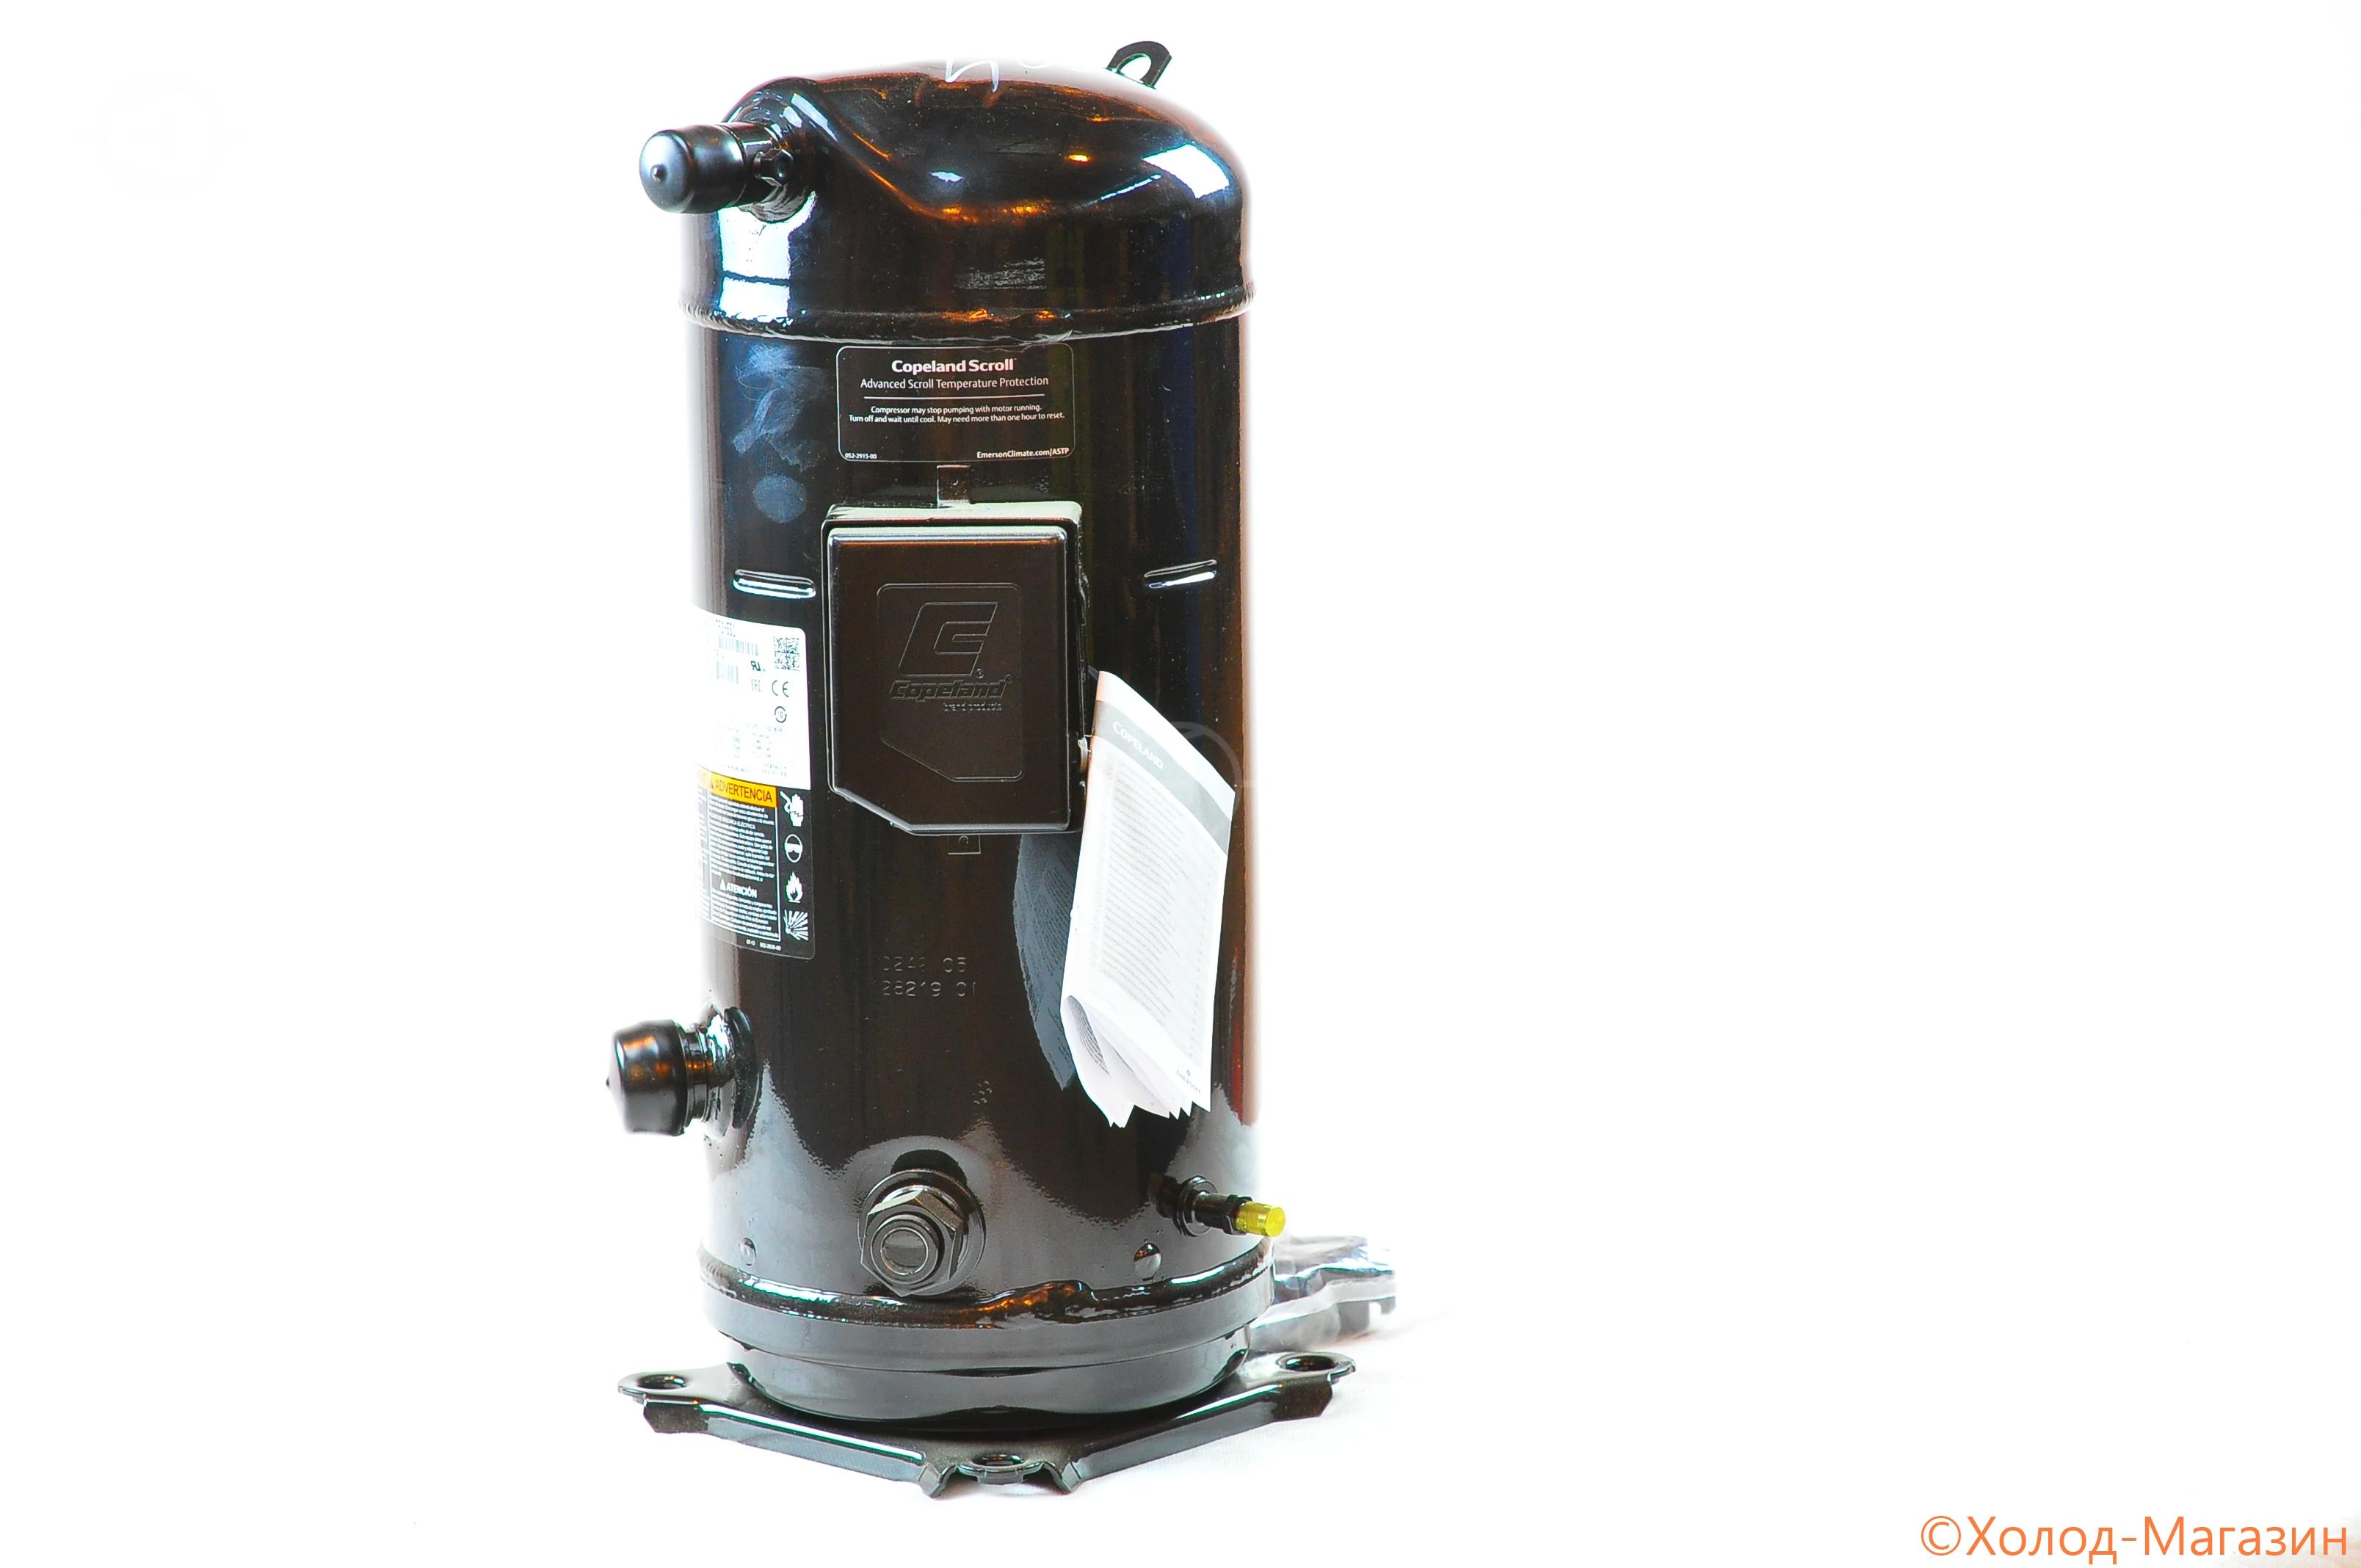 Компрессор спиральный ZB 114 KCE-TFD-551 Copeland, Emerson